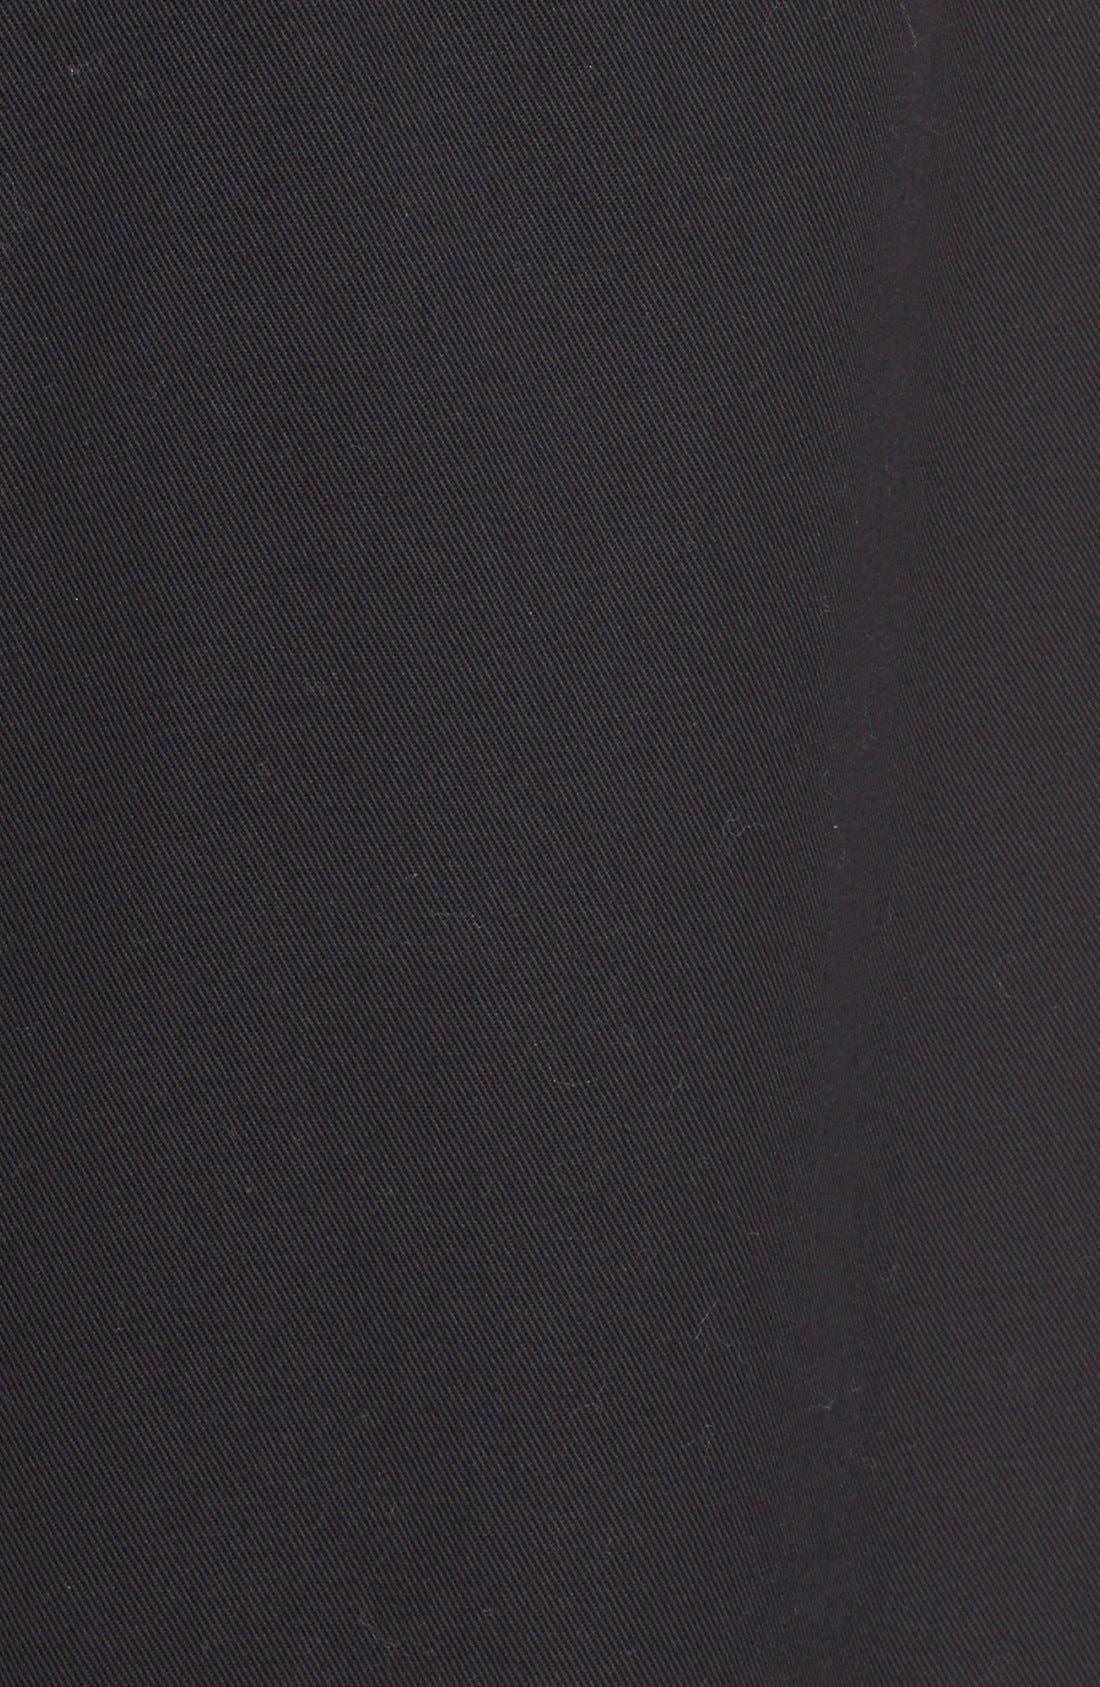 Wide Leg Stretch Cotton Crop Pants,                             Alternate thumbnail 4, color,                             001